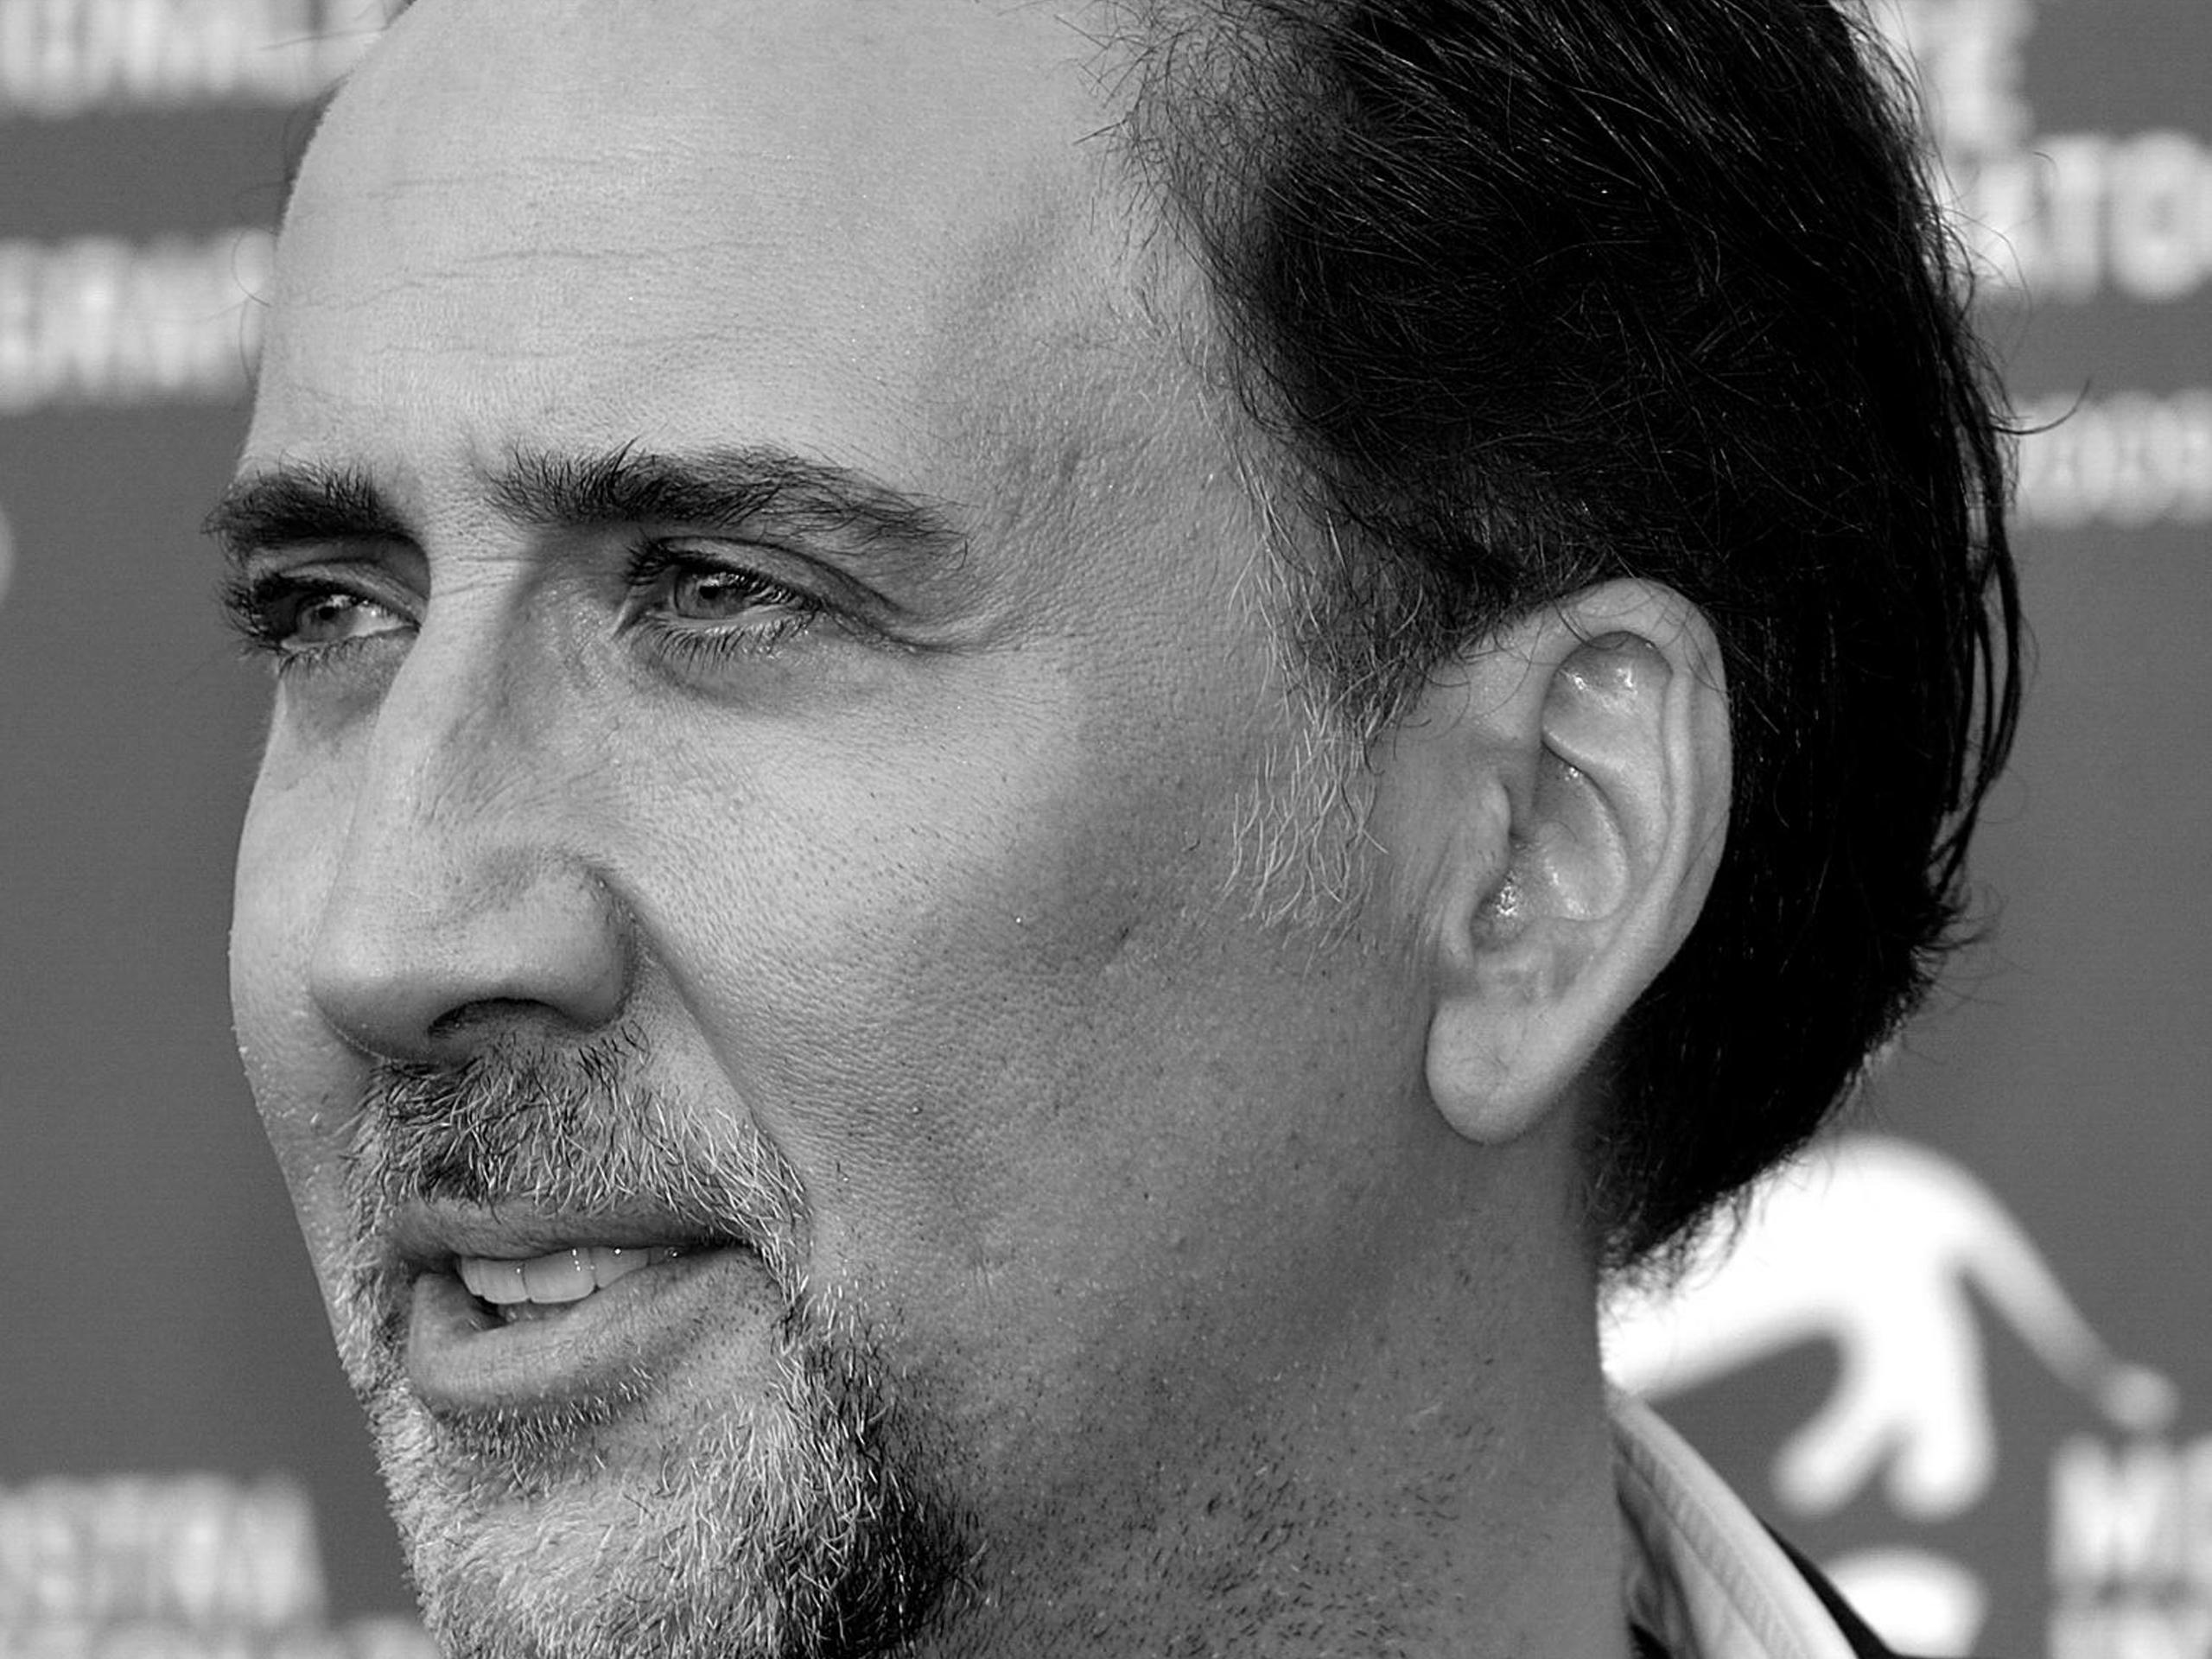 ... Wallpaper , Nicolas Cage Wallpaper 1920x1080 , Nicolas Cage Rainbow